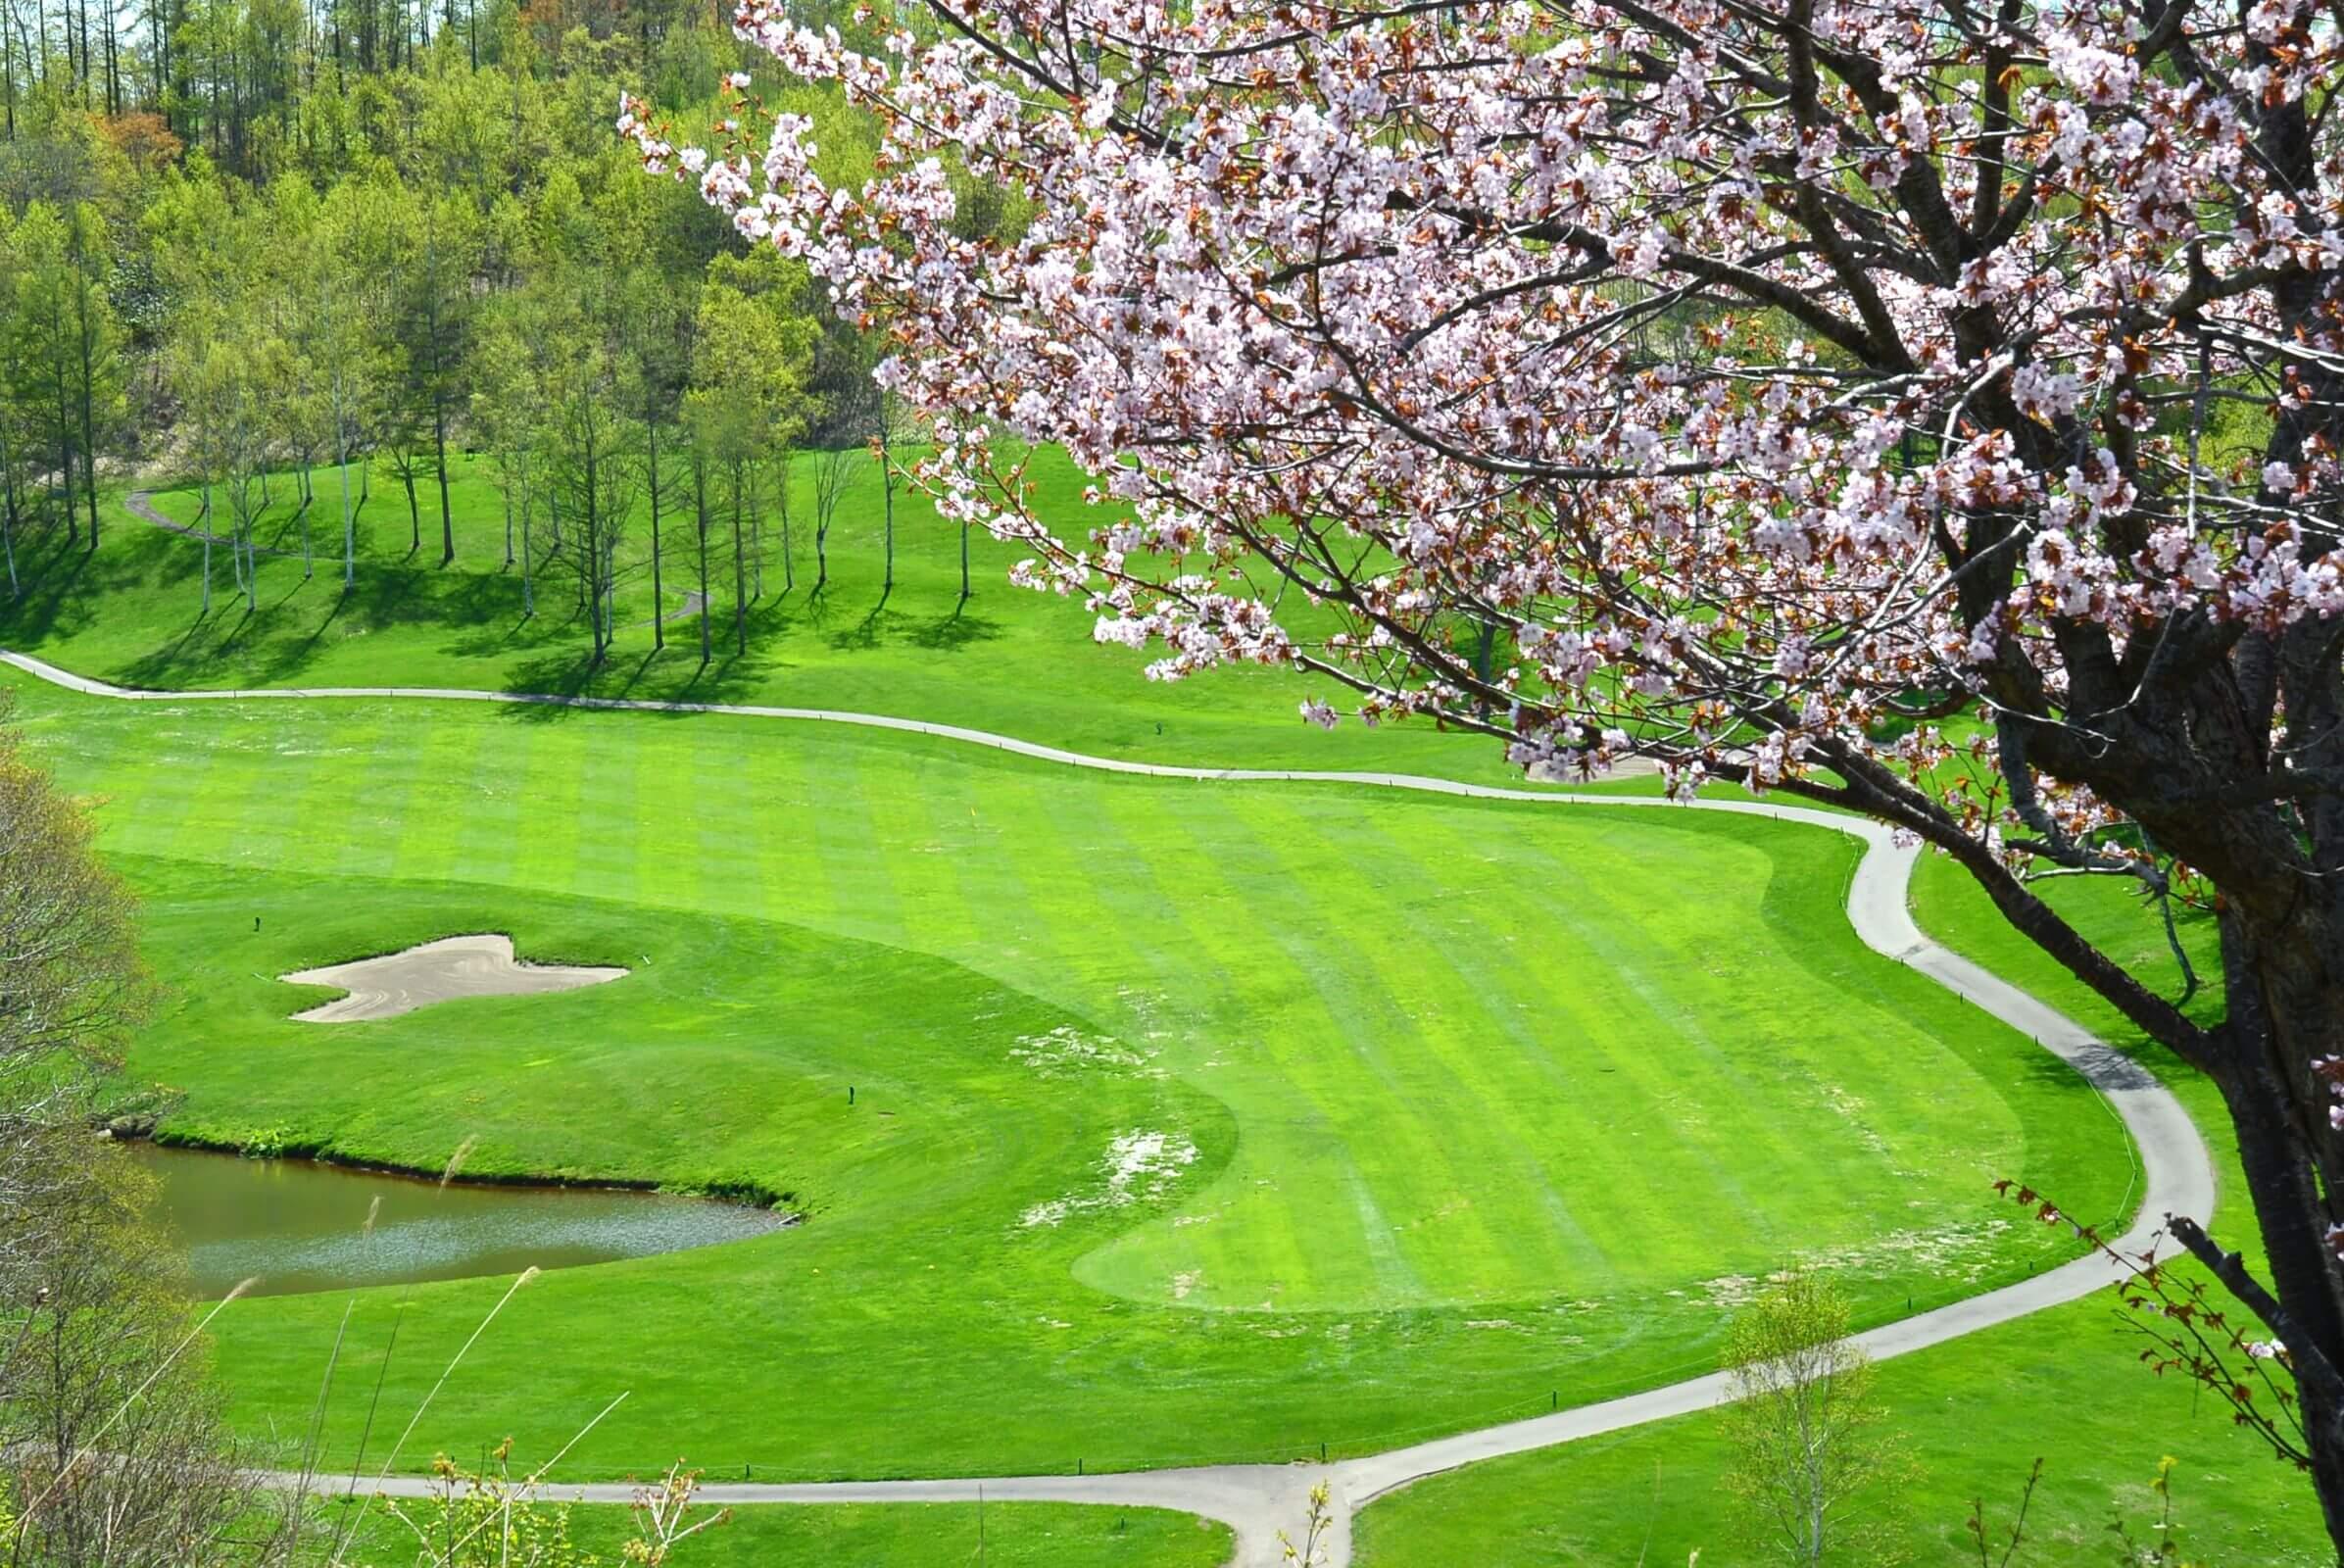 【宿泊付きゴルフプラン】リゾートゴルフを楽しもう!ニセコでラグジュアリーゴルフ 3日間